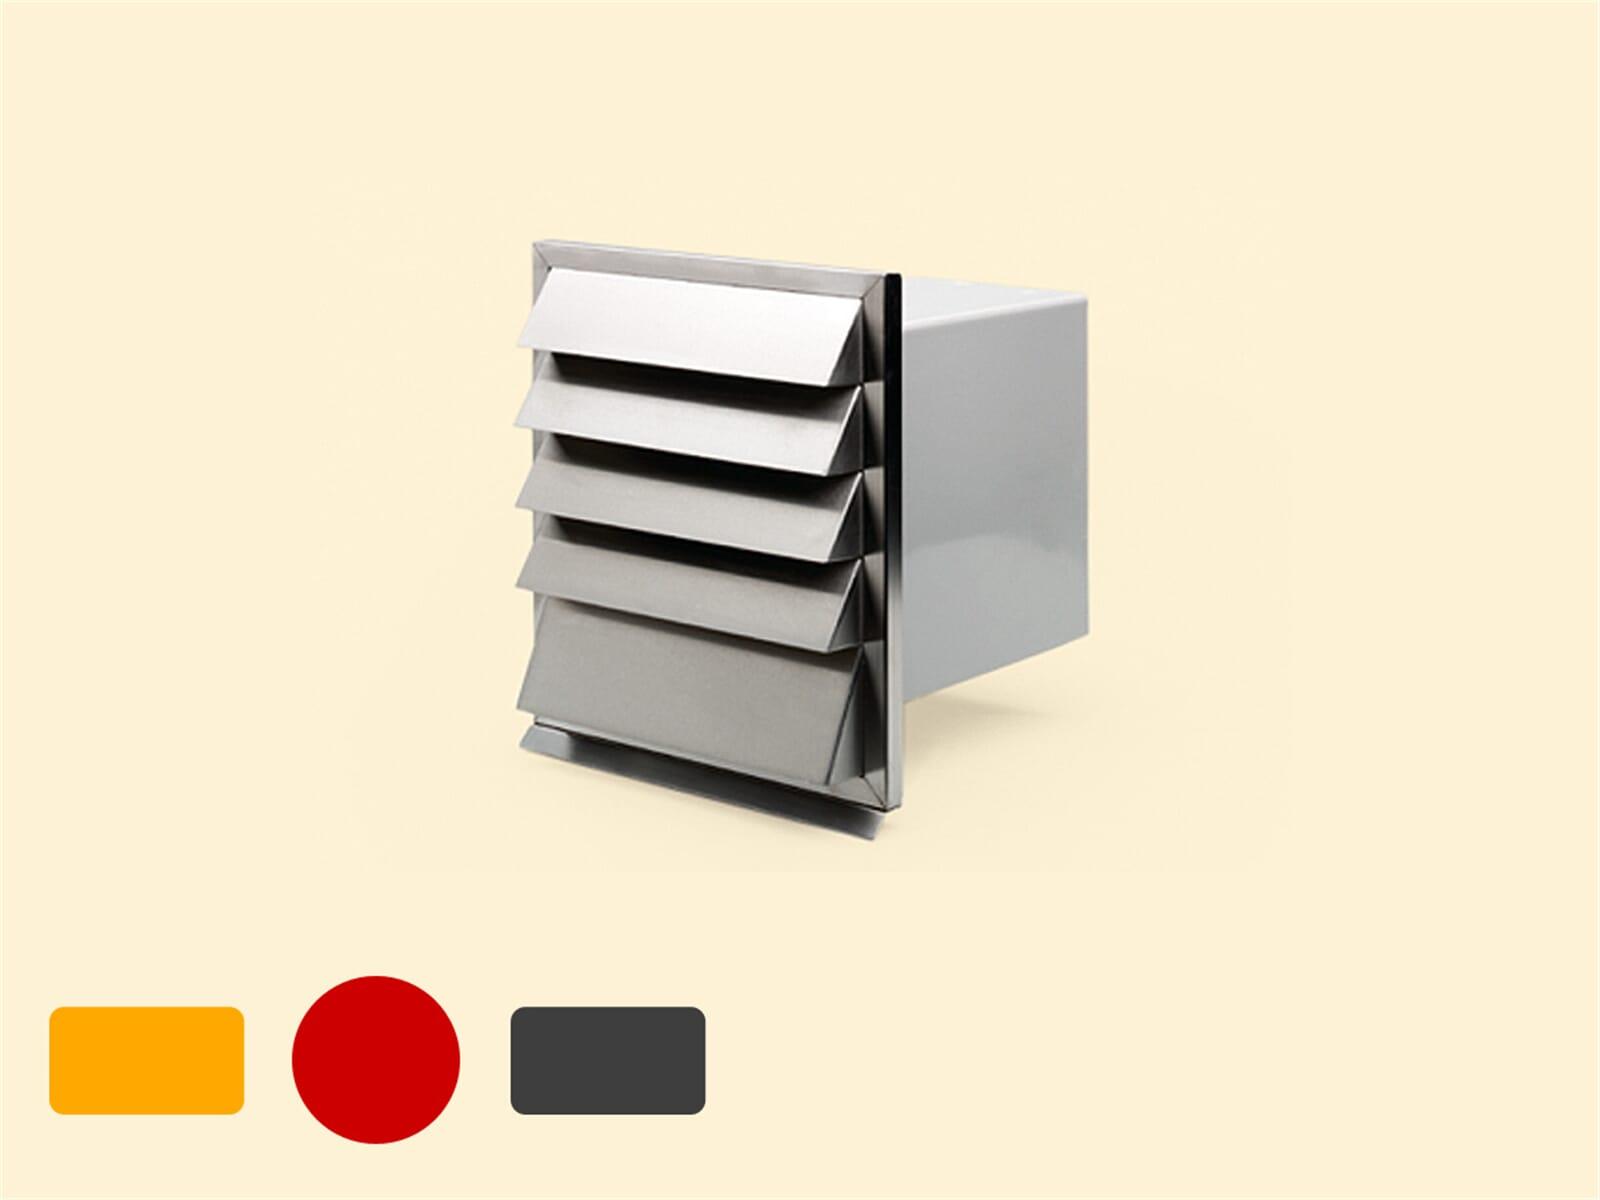 Compair 402.2.026 V-Klima A/Z Ab- und Zuluft-Mauerkasten 1